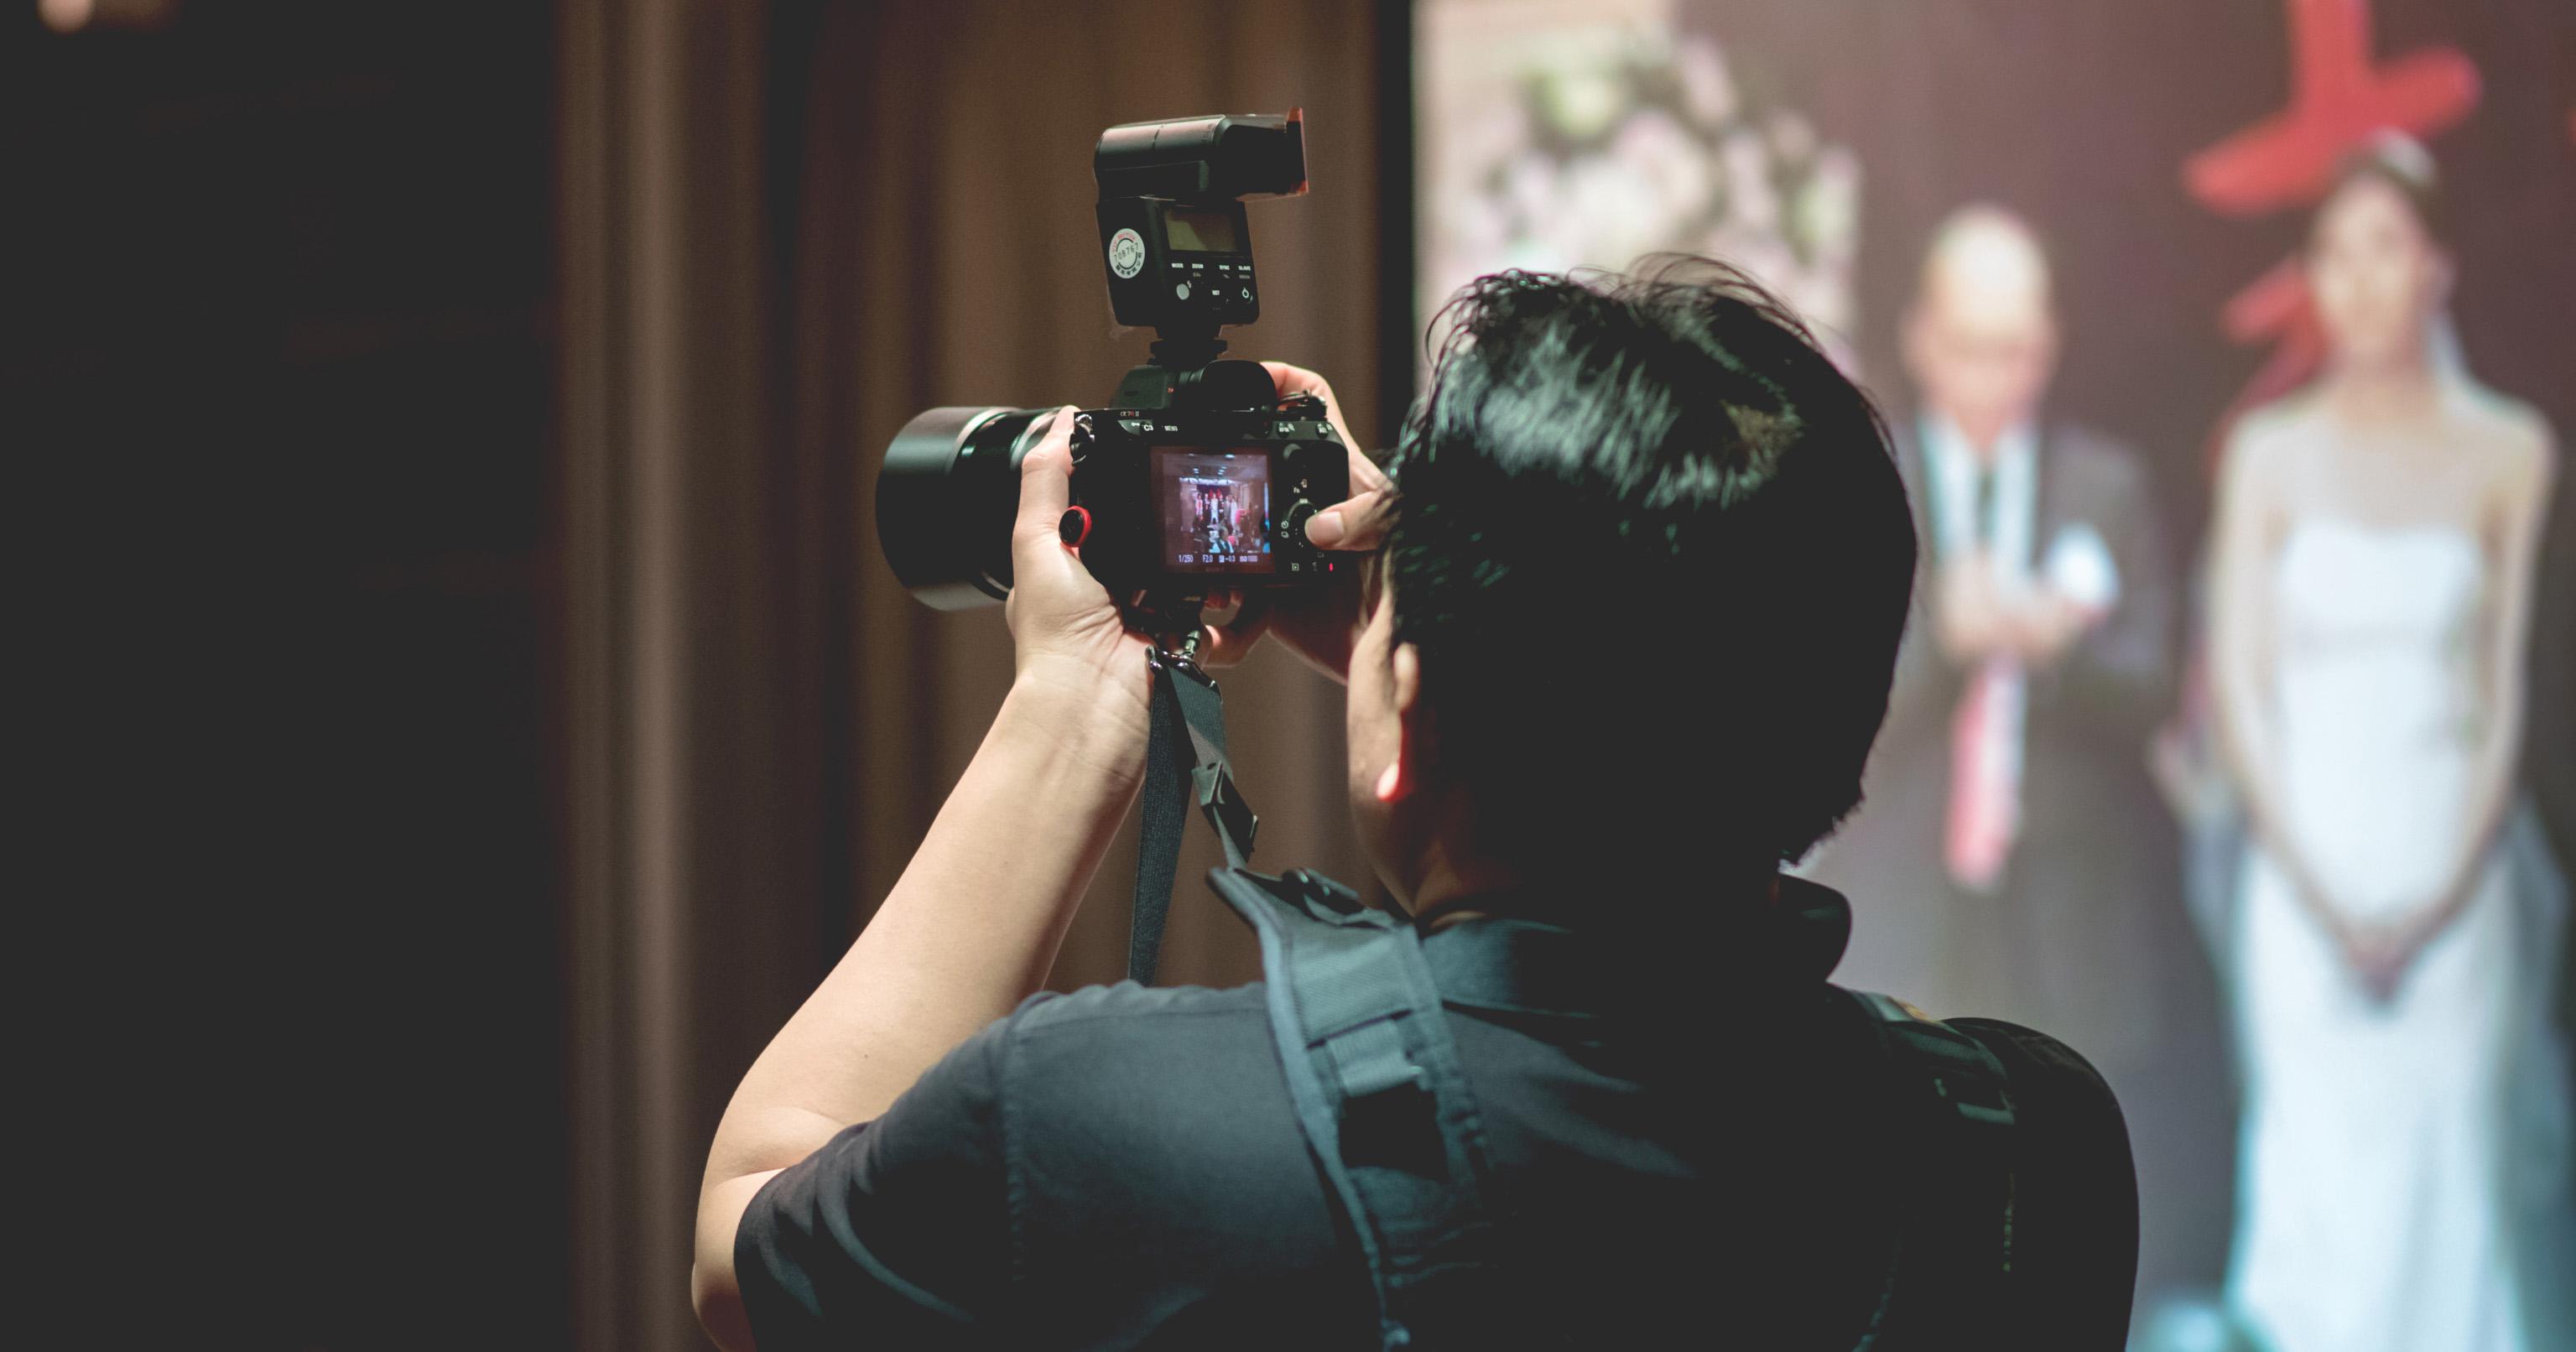 專訪「婚攝大青蛙」陳劍宇:使用 Sony α7RIII 在婚禮/婚紗現場的實戰與應用